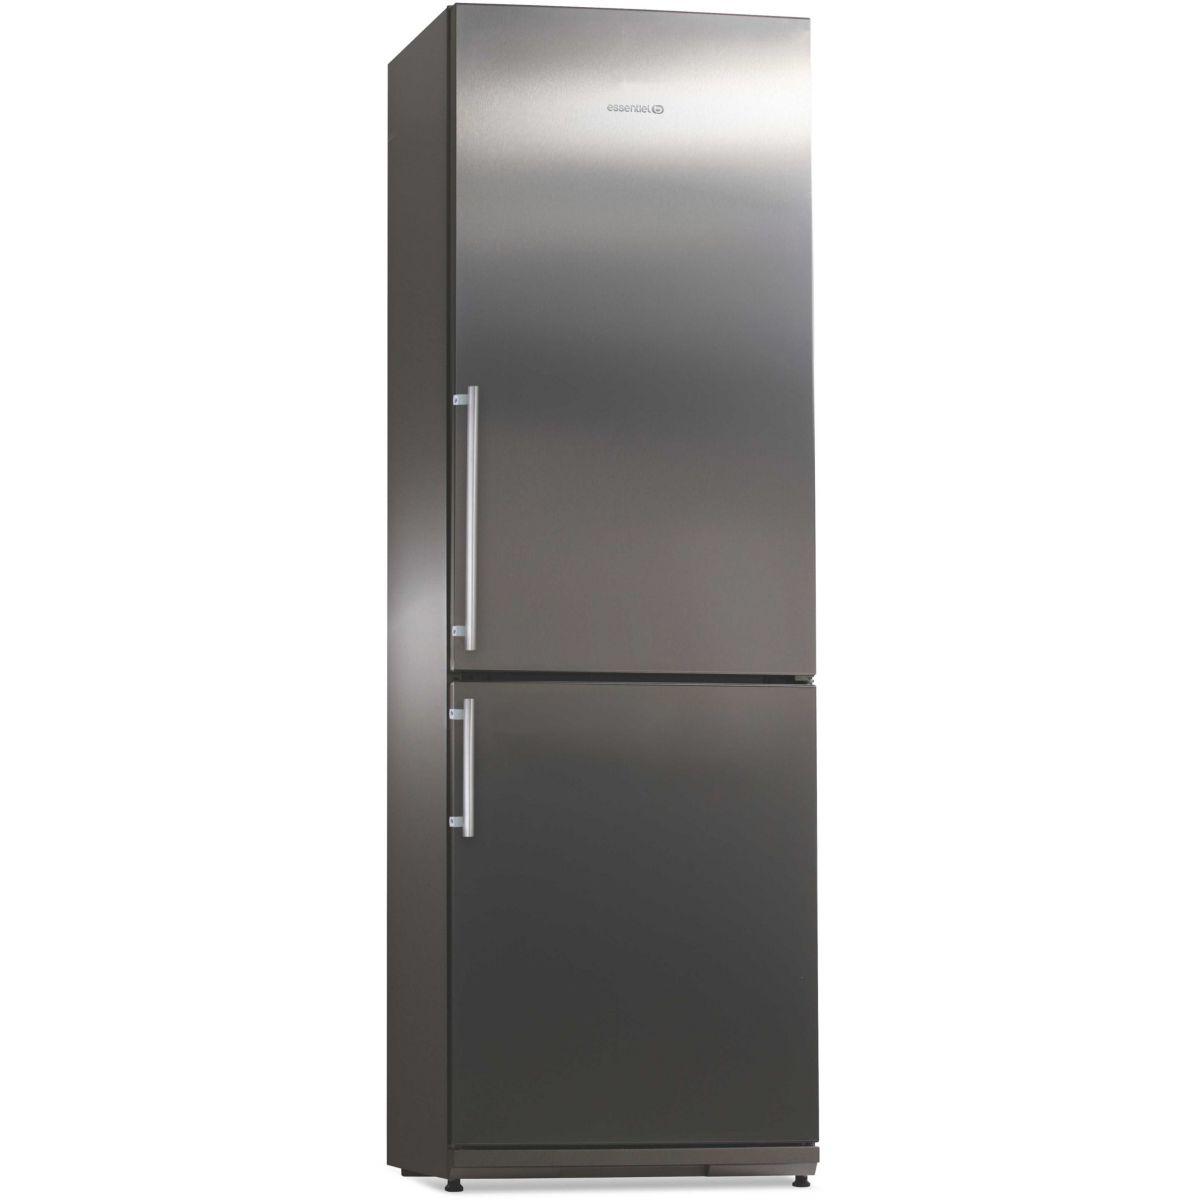 Réfrigérateur combiné ESSENTIELB ERCV185-60i3